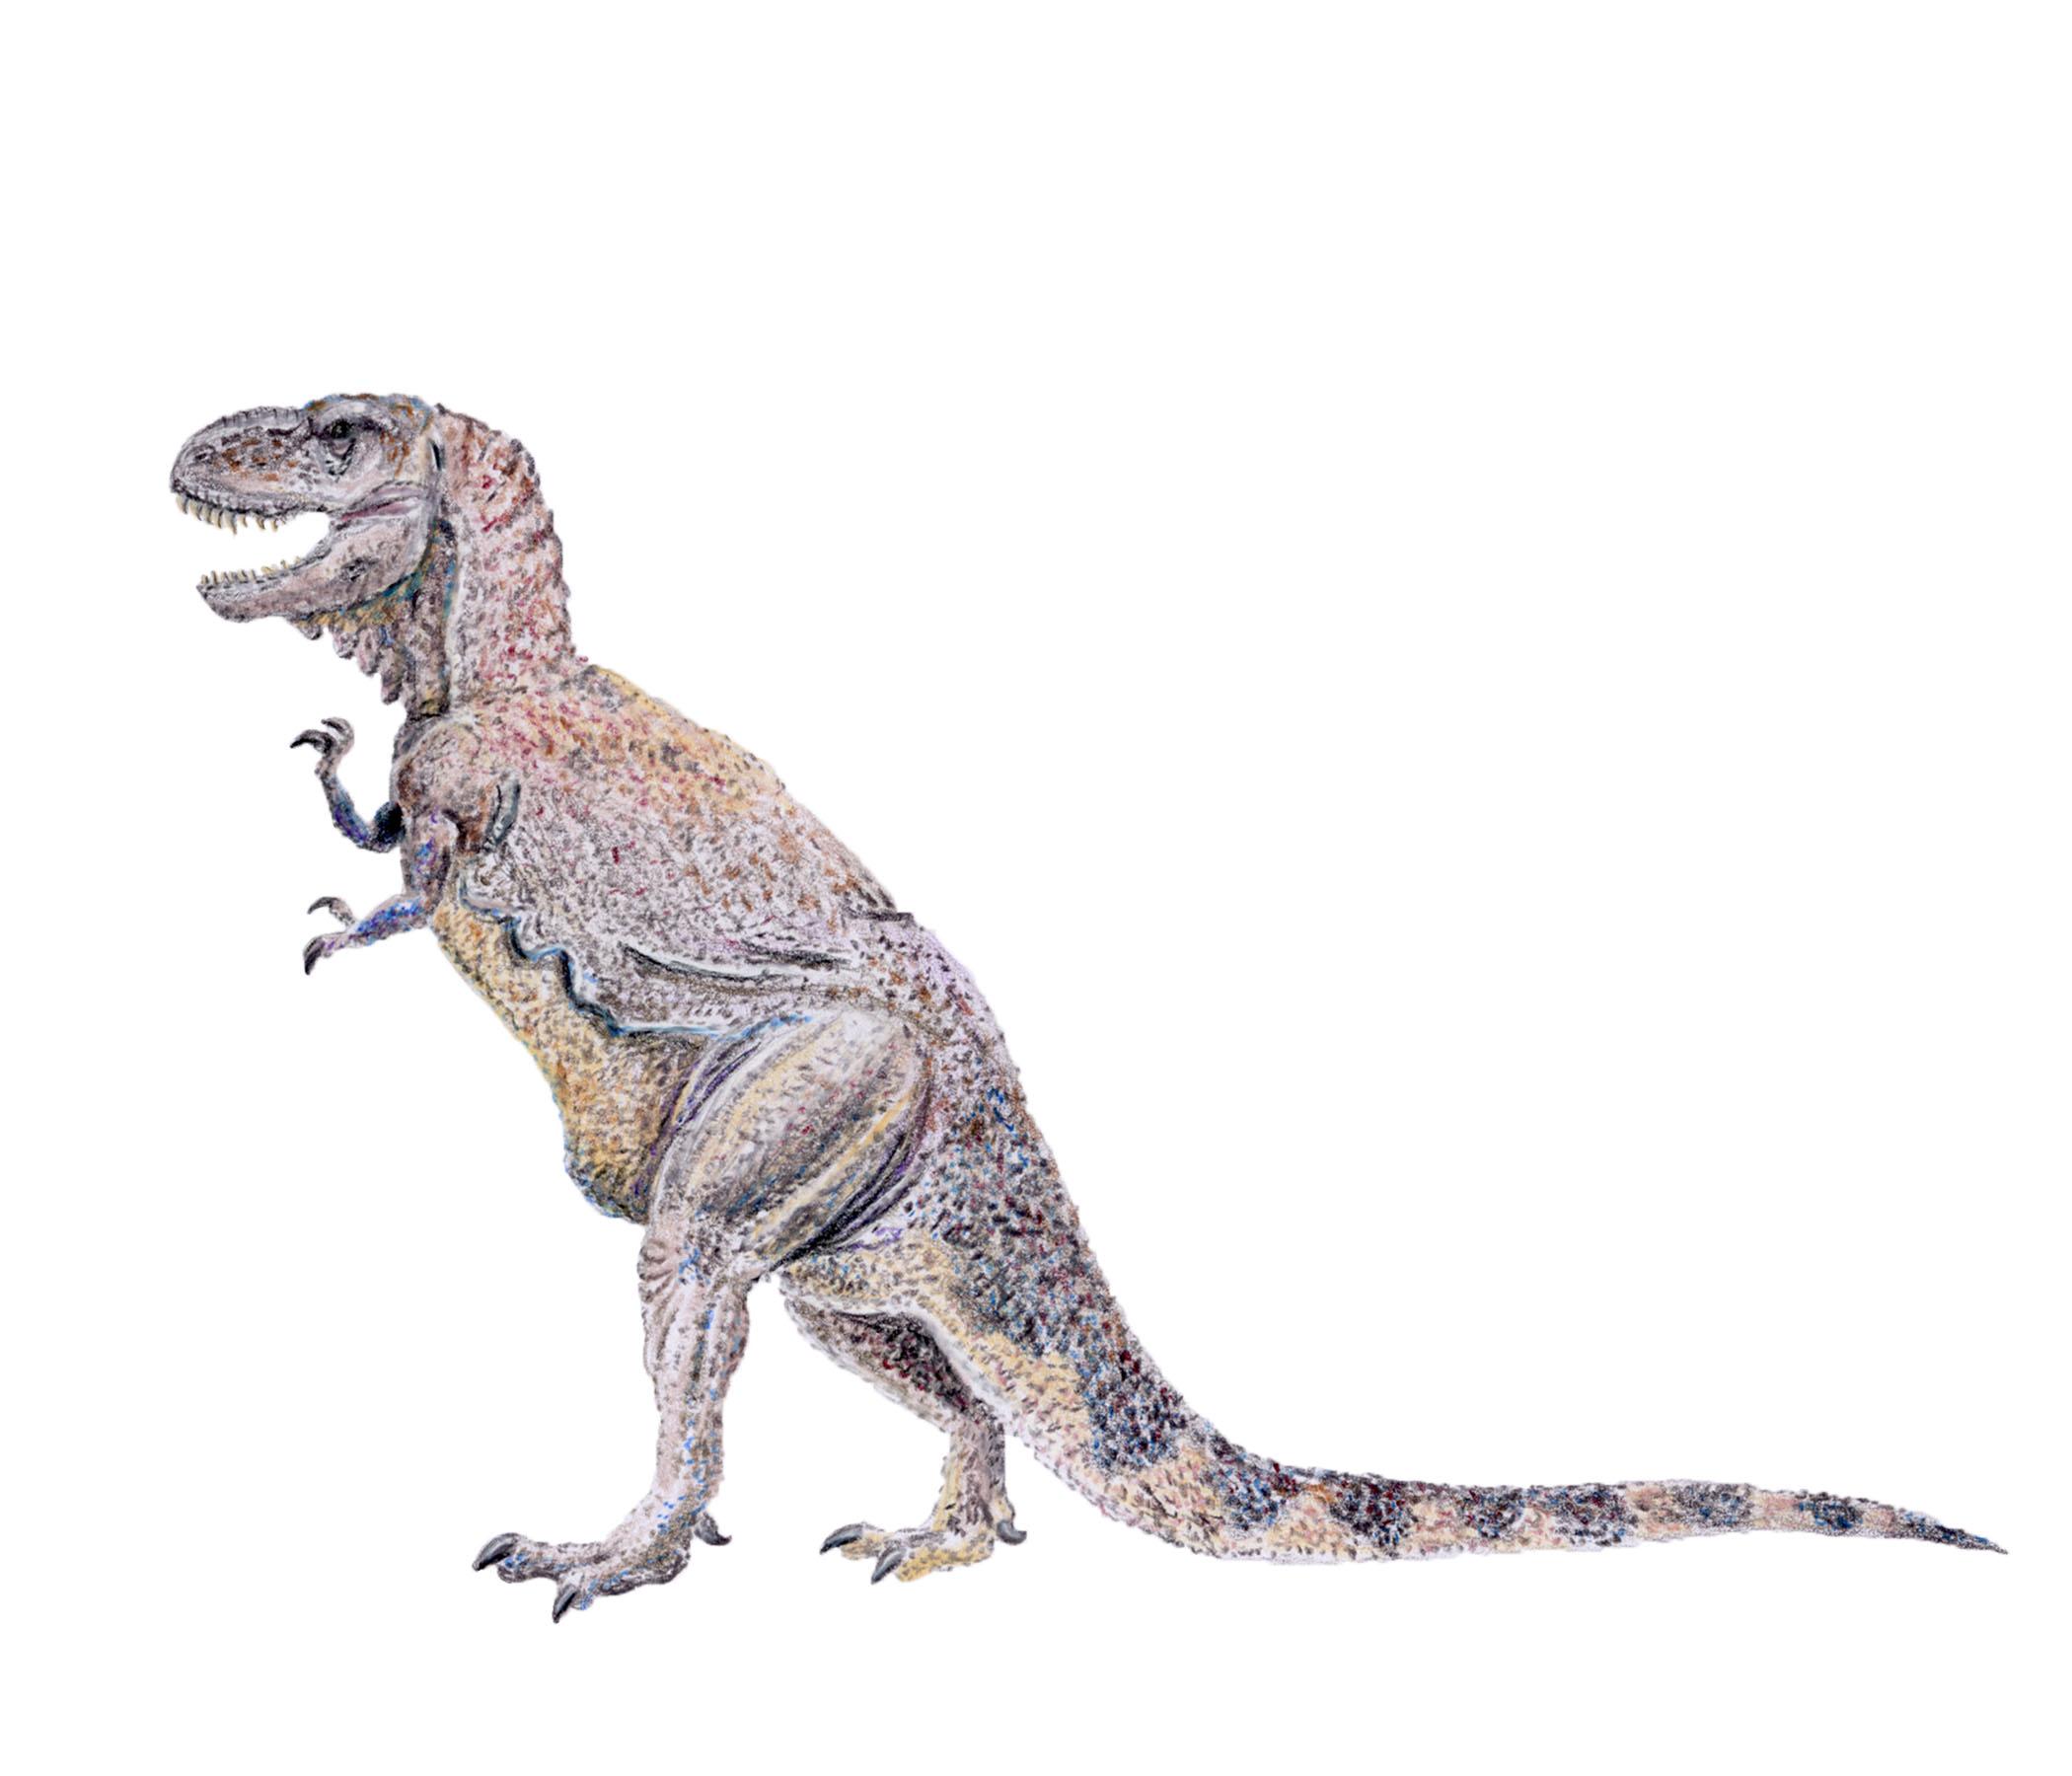 Tyrannosaurus rex (1910's style)